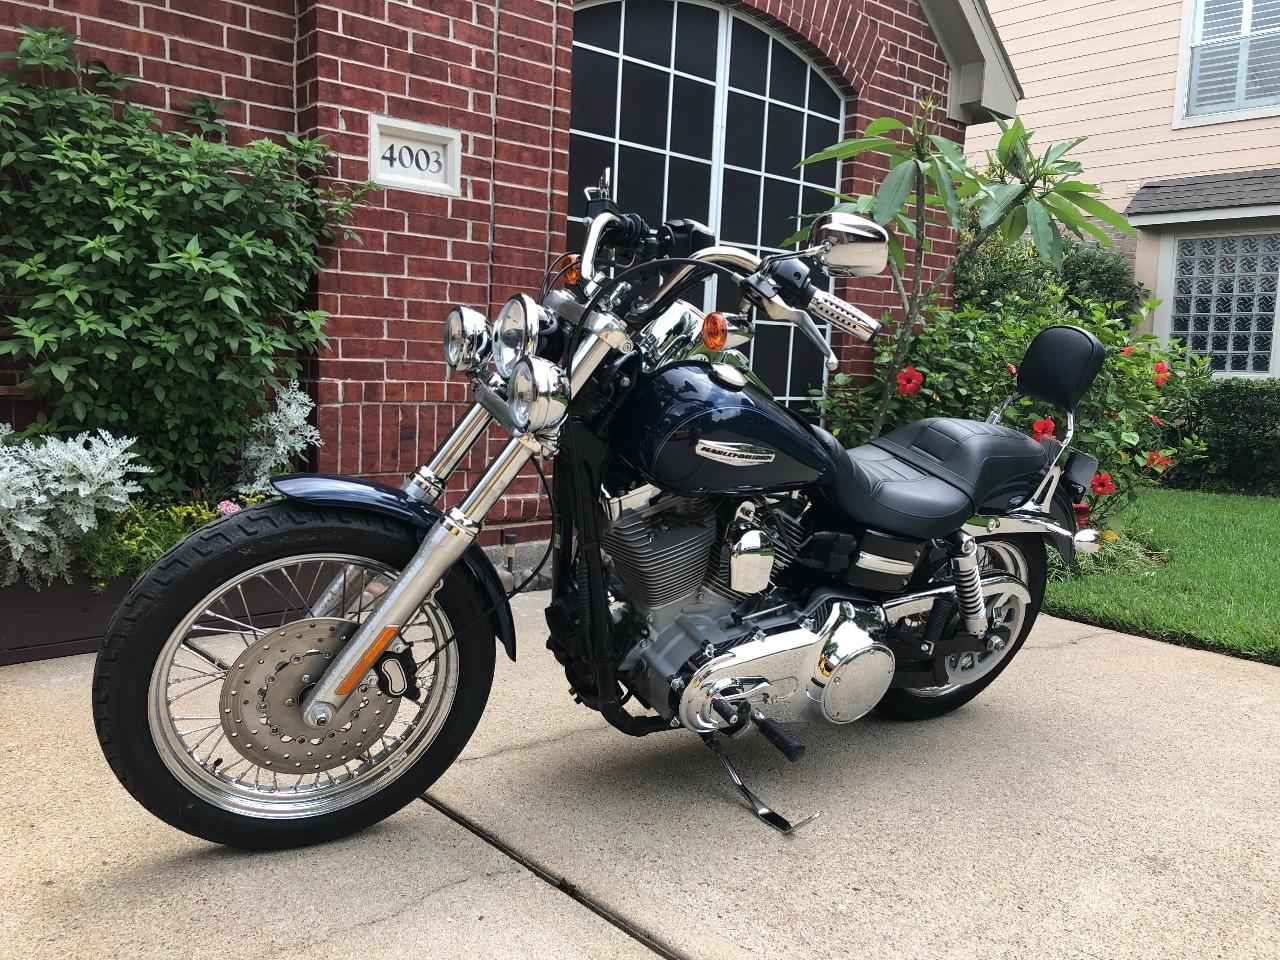 Promise Faster Backrest Sissy Bar Pad for Harley Davidson Dyna Street Bob Super Glide Low Rider FXDB FXDC FXD FXDL 2006 up